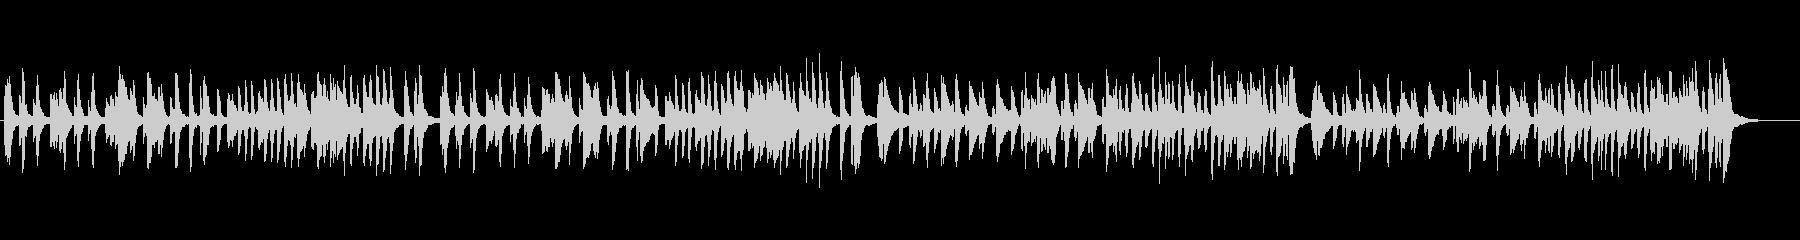 クラシックピアノソロ、行進曲風の未再生の波形